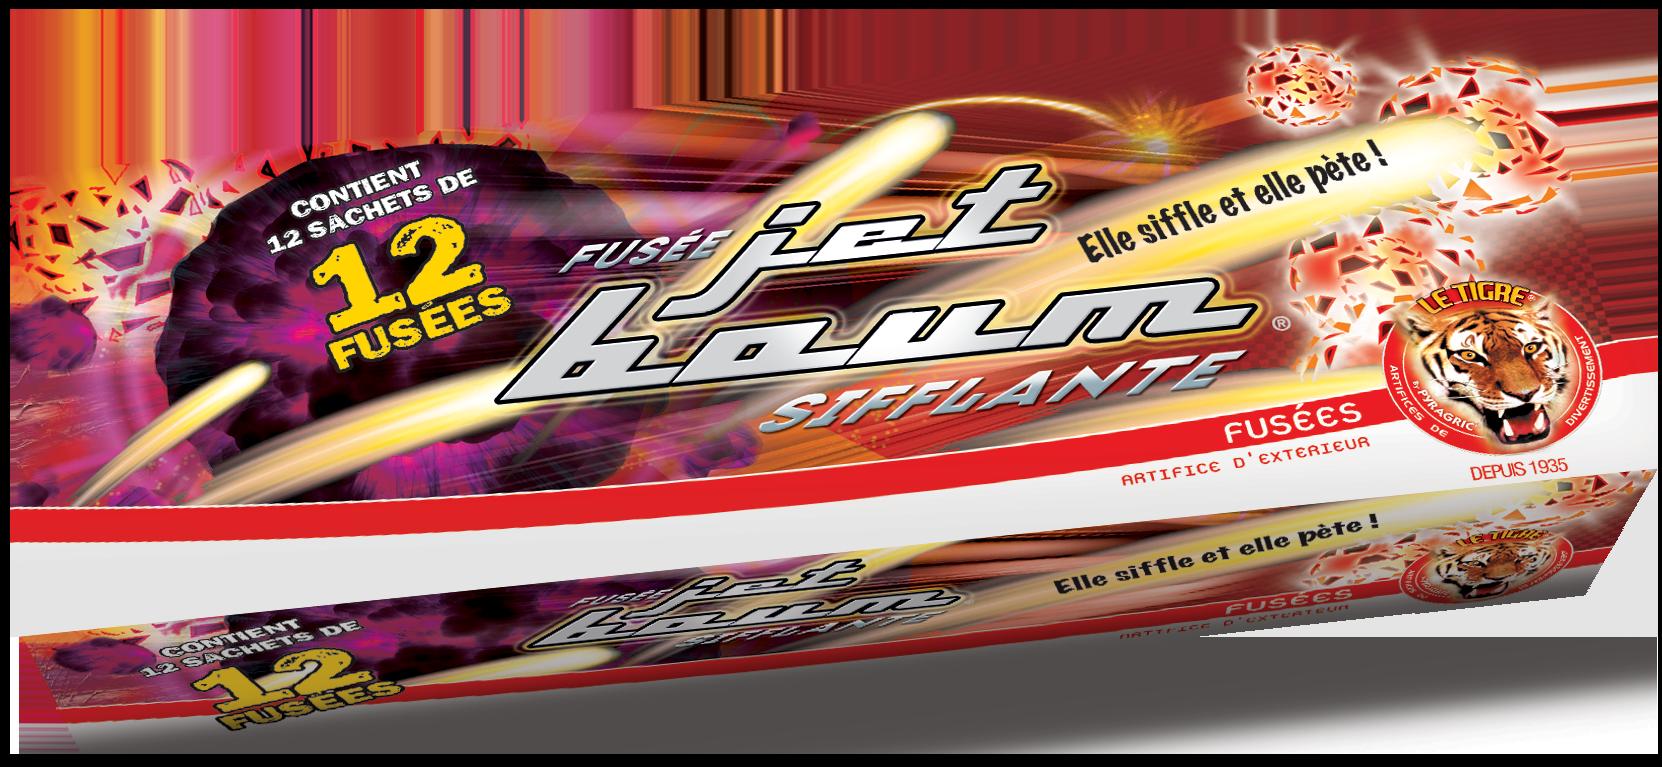 P152307-JETBOUM-3D-2020-box-site